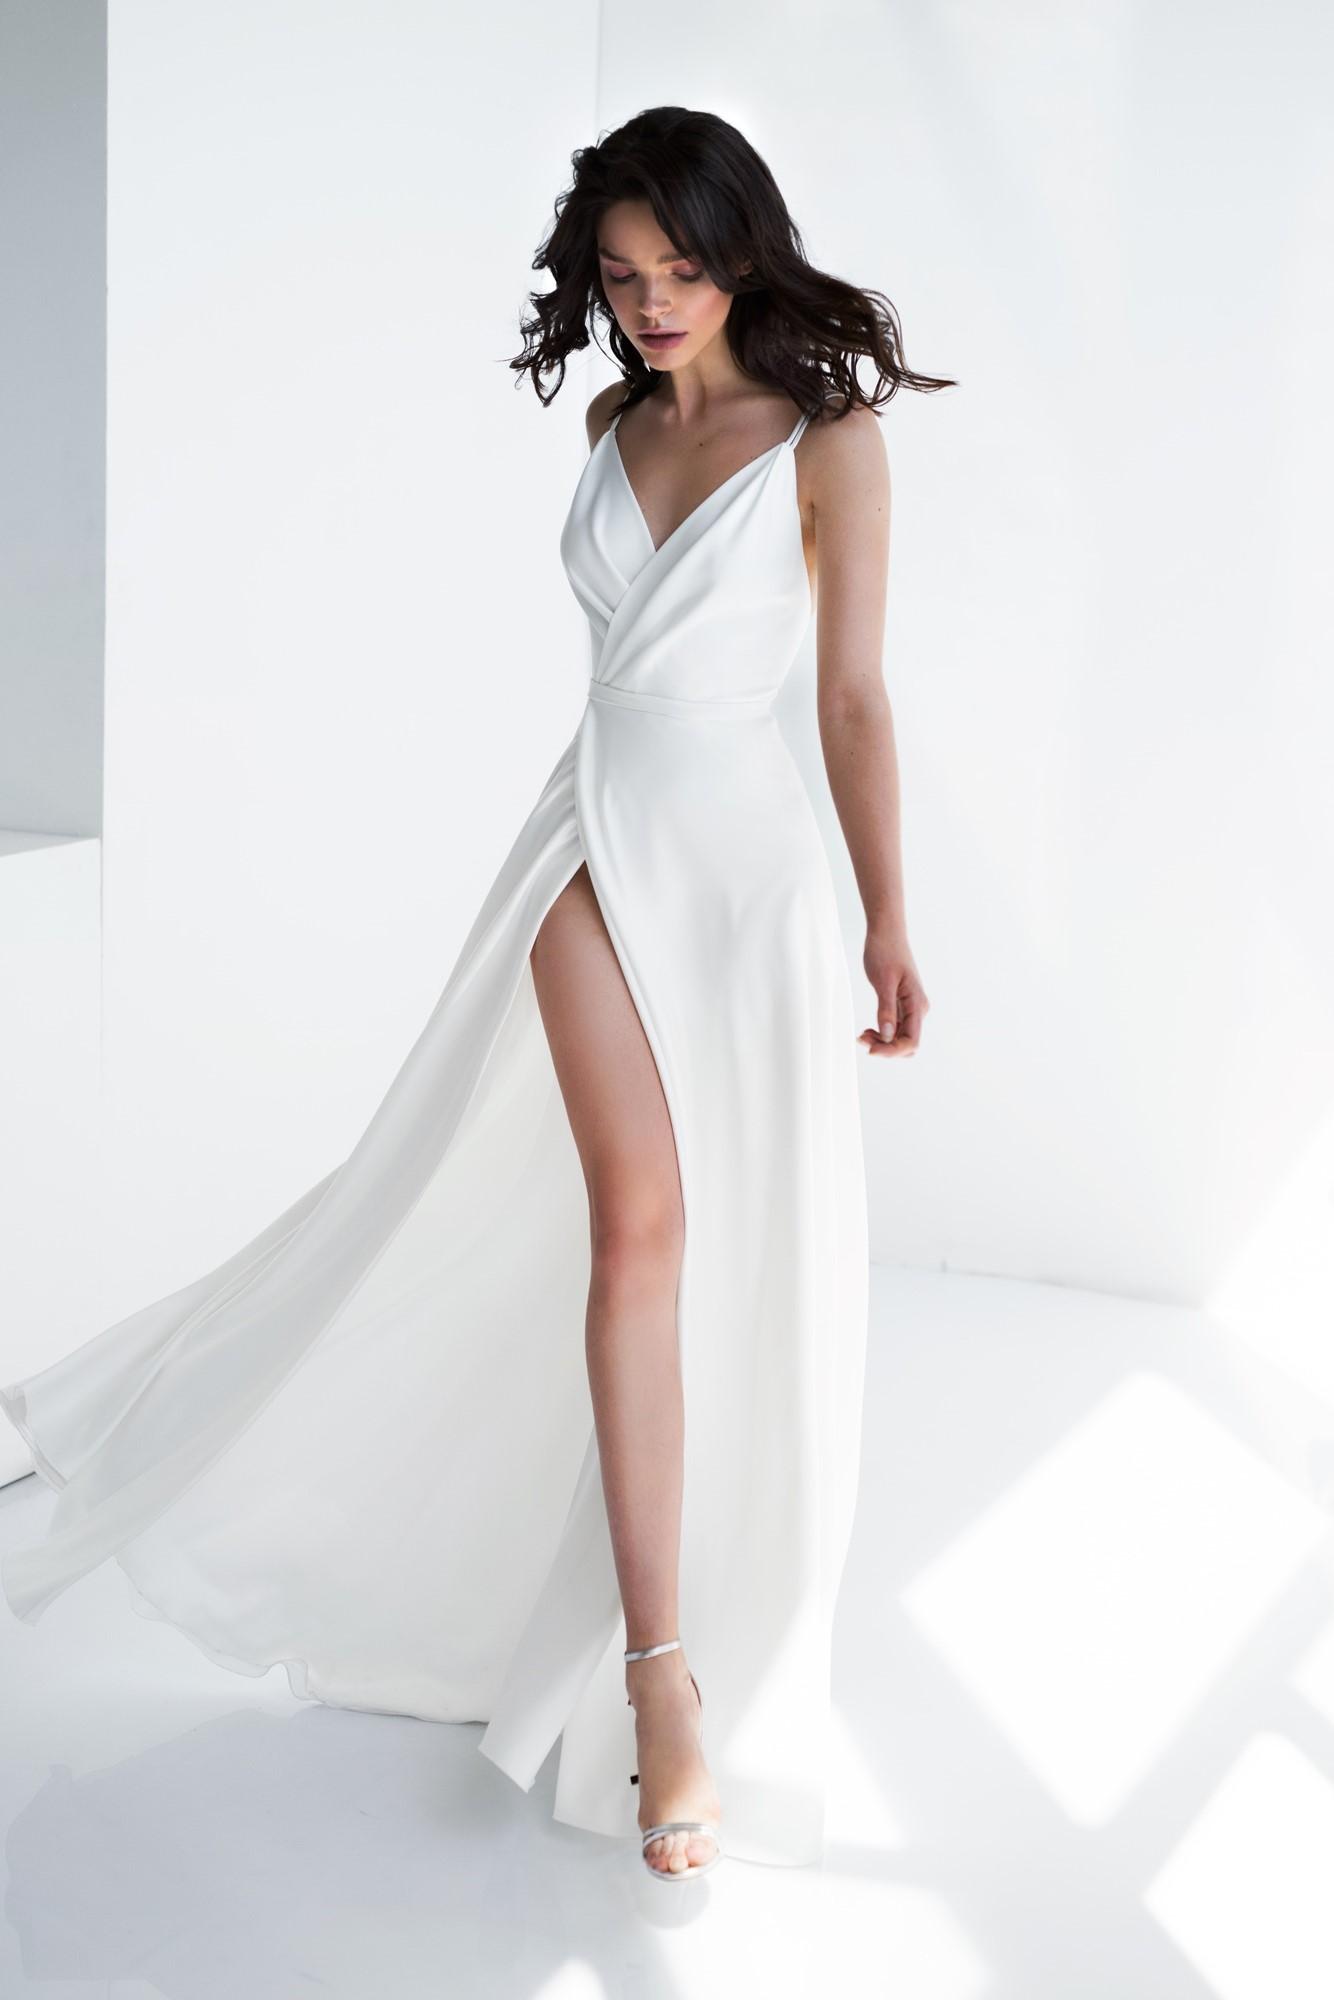 4a1fc3a1981 Свадебное платье molly white В наличии в Спб. zoom Увеличить изображение